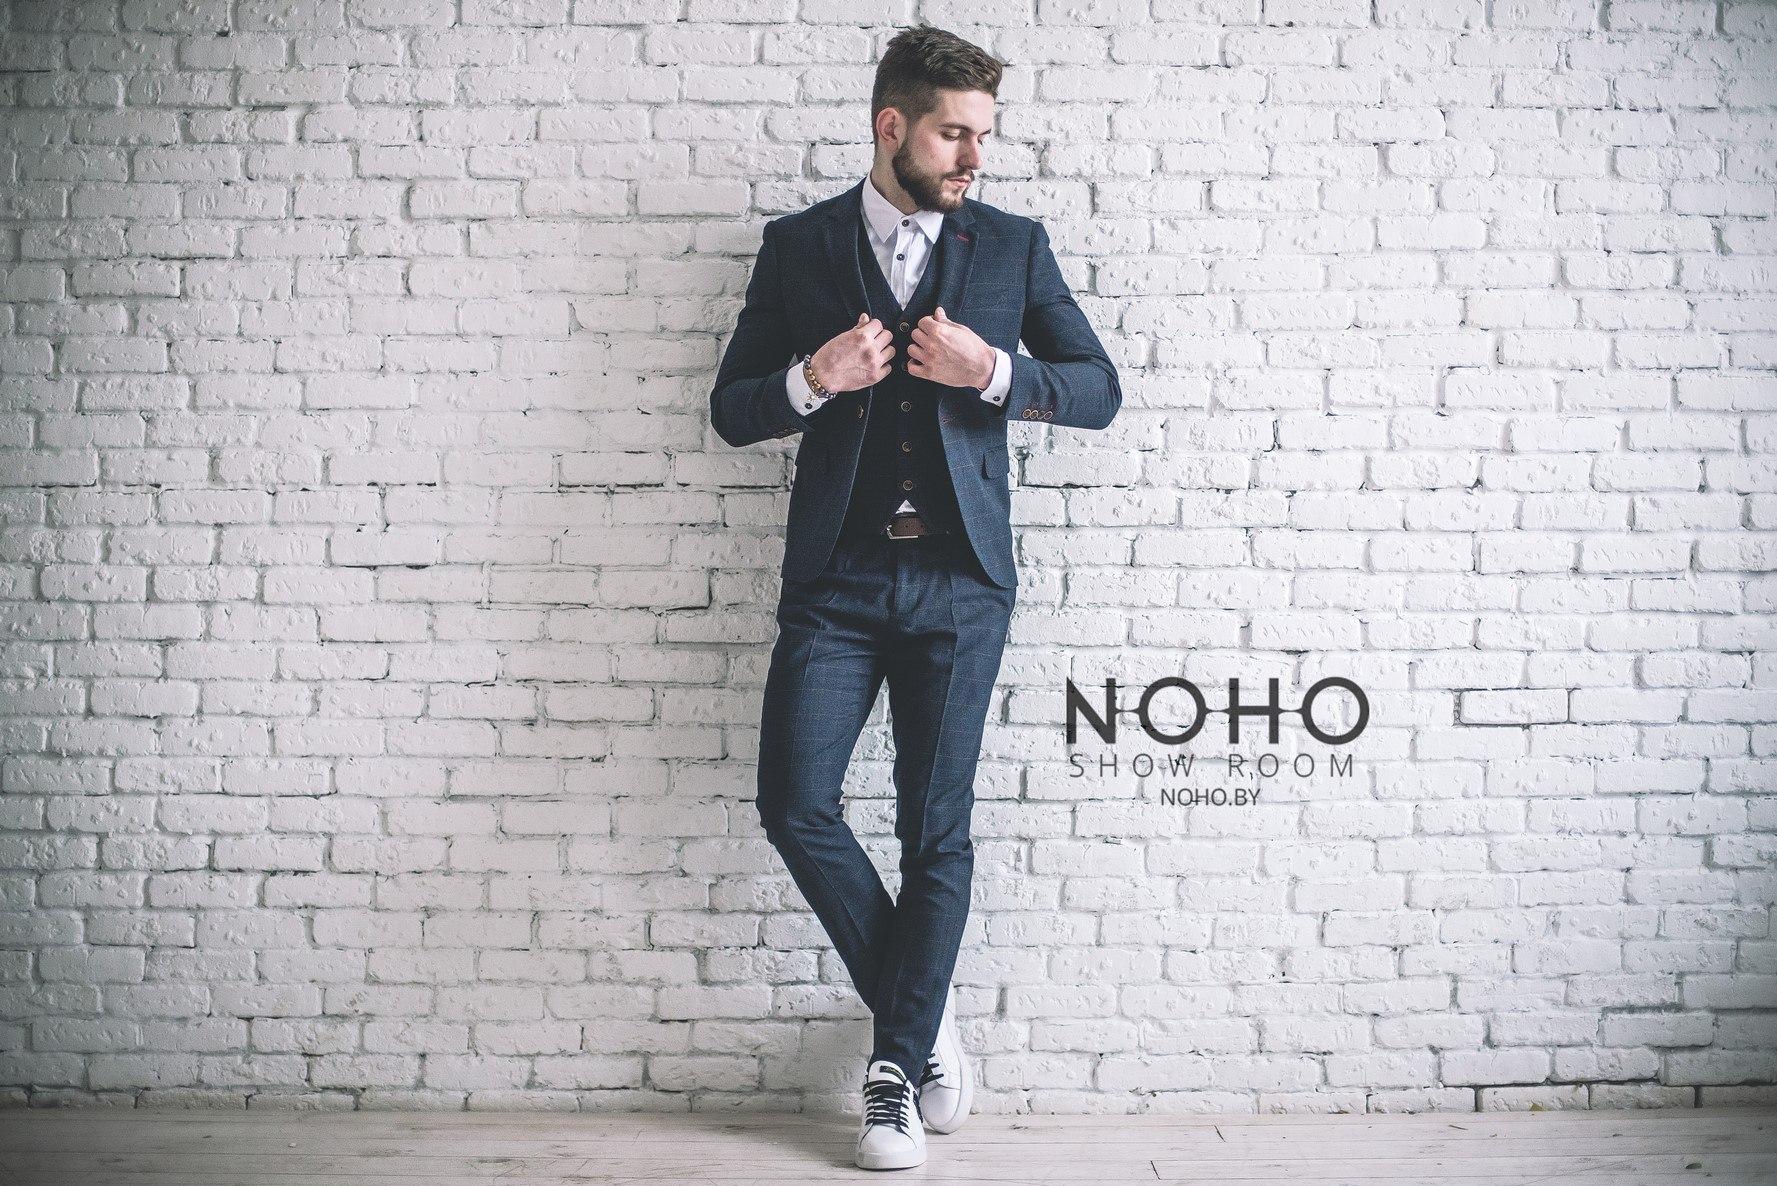 рецепт картинки для мужского магазина одежды для инстаграм строка отображает